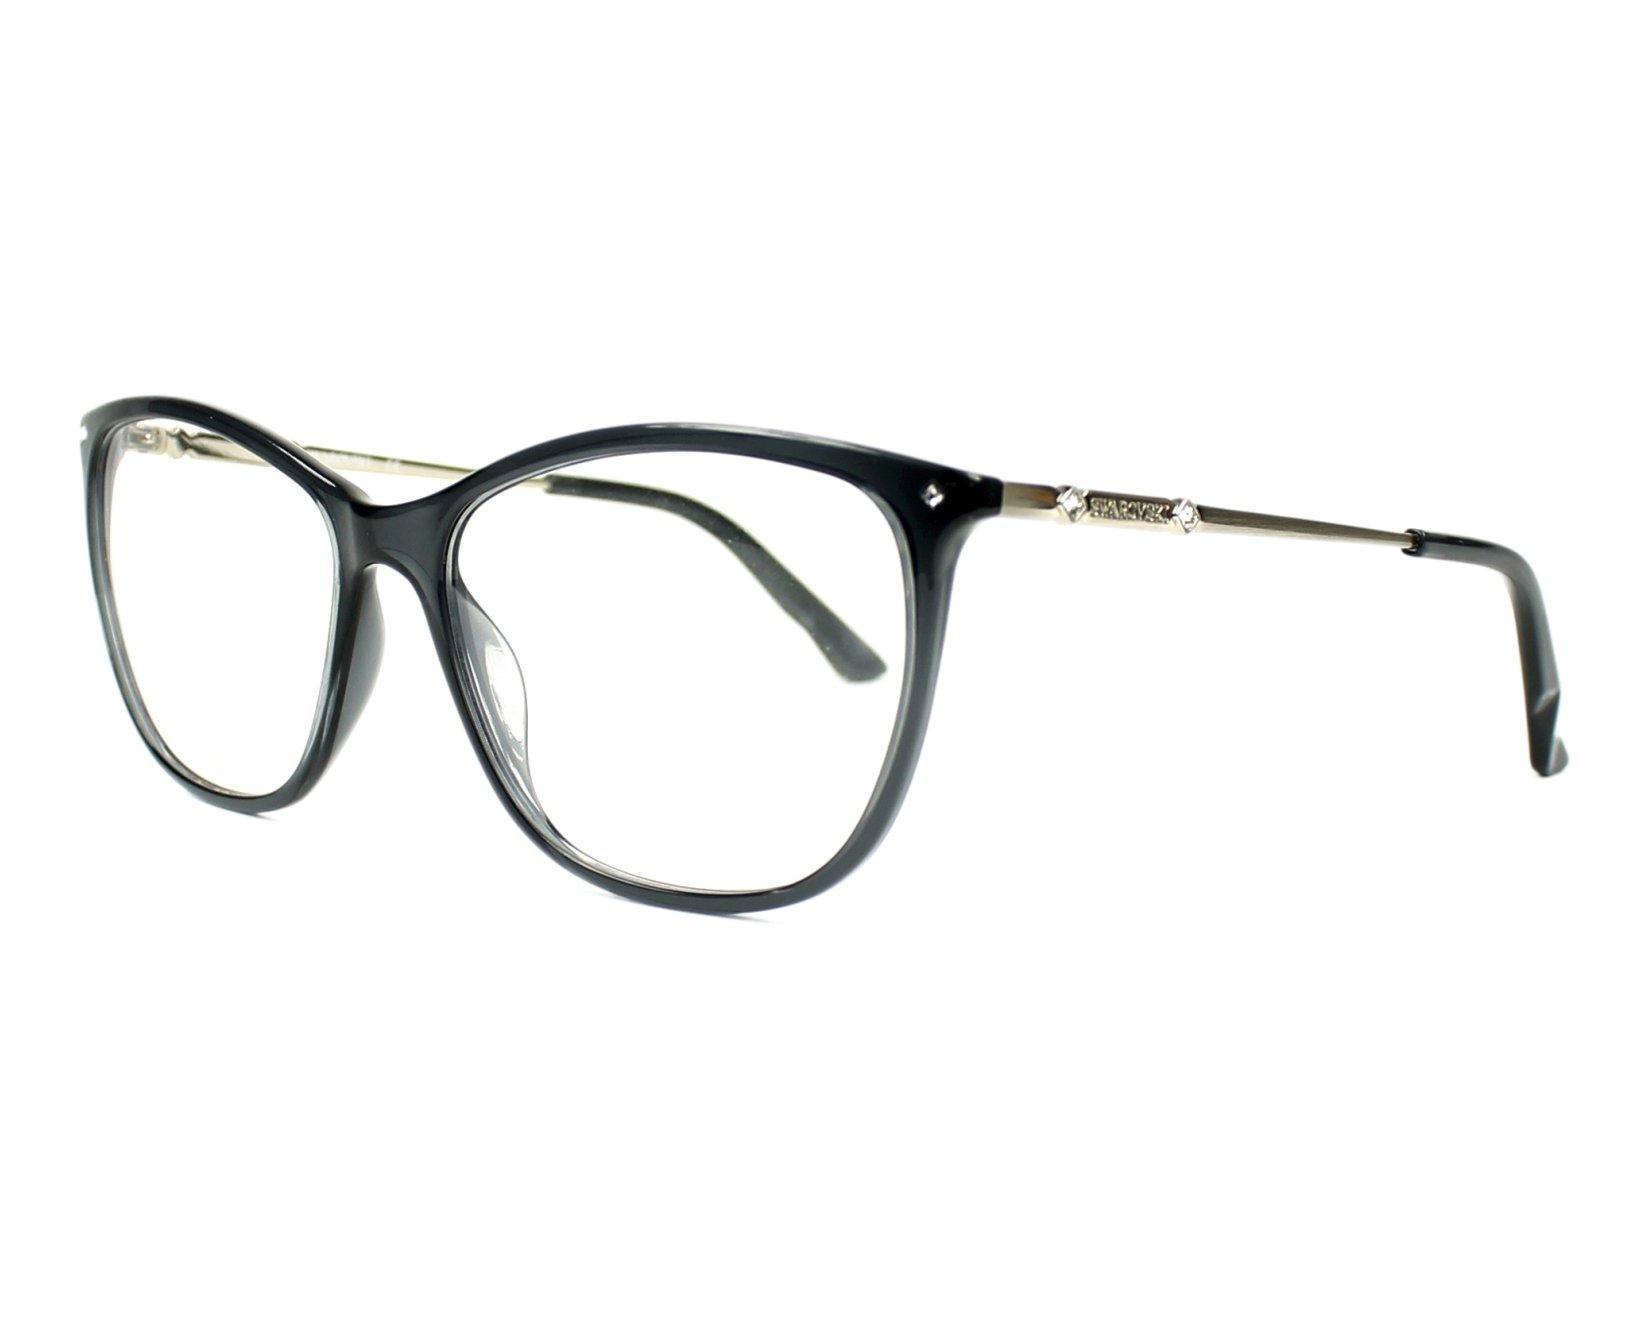 Swarovski Brille SW-5178 001 blau - Gläser: